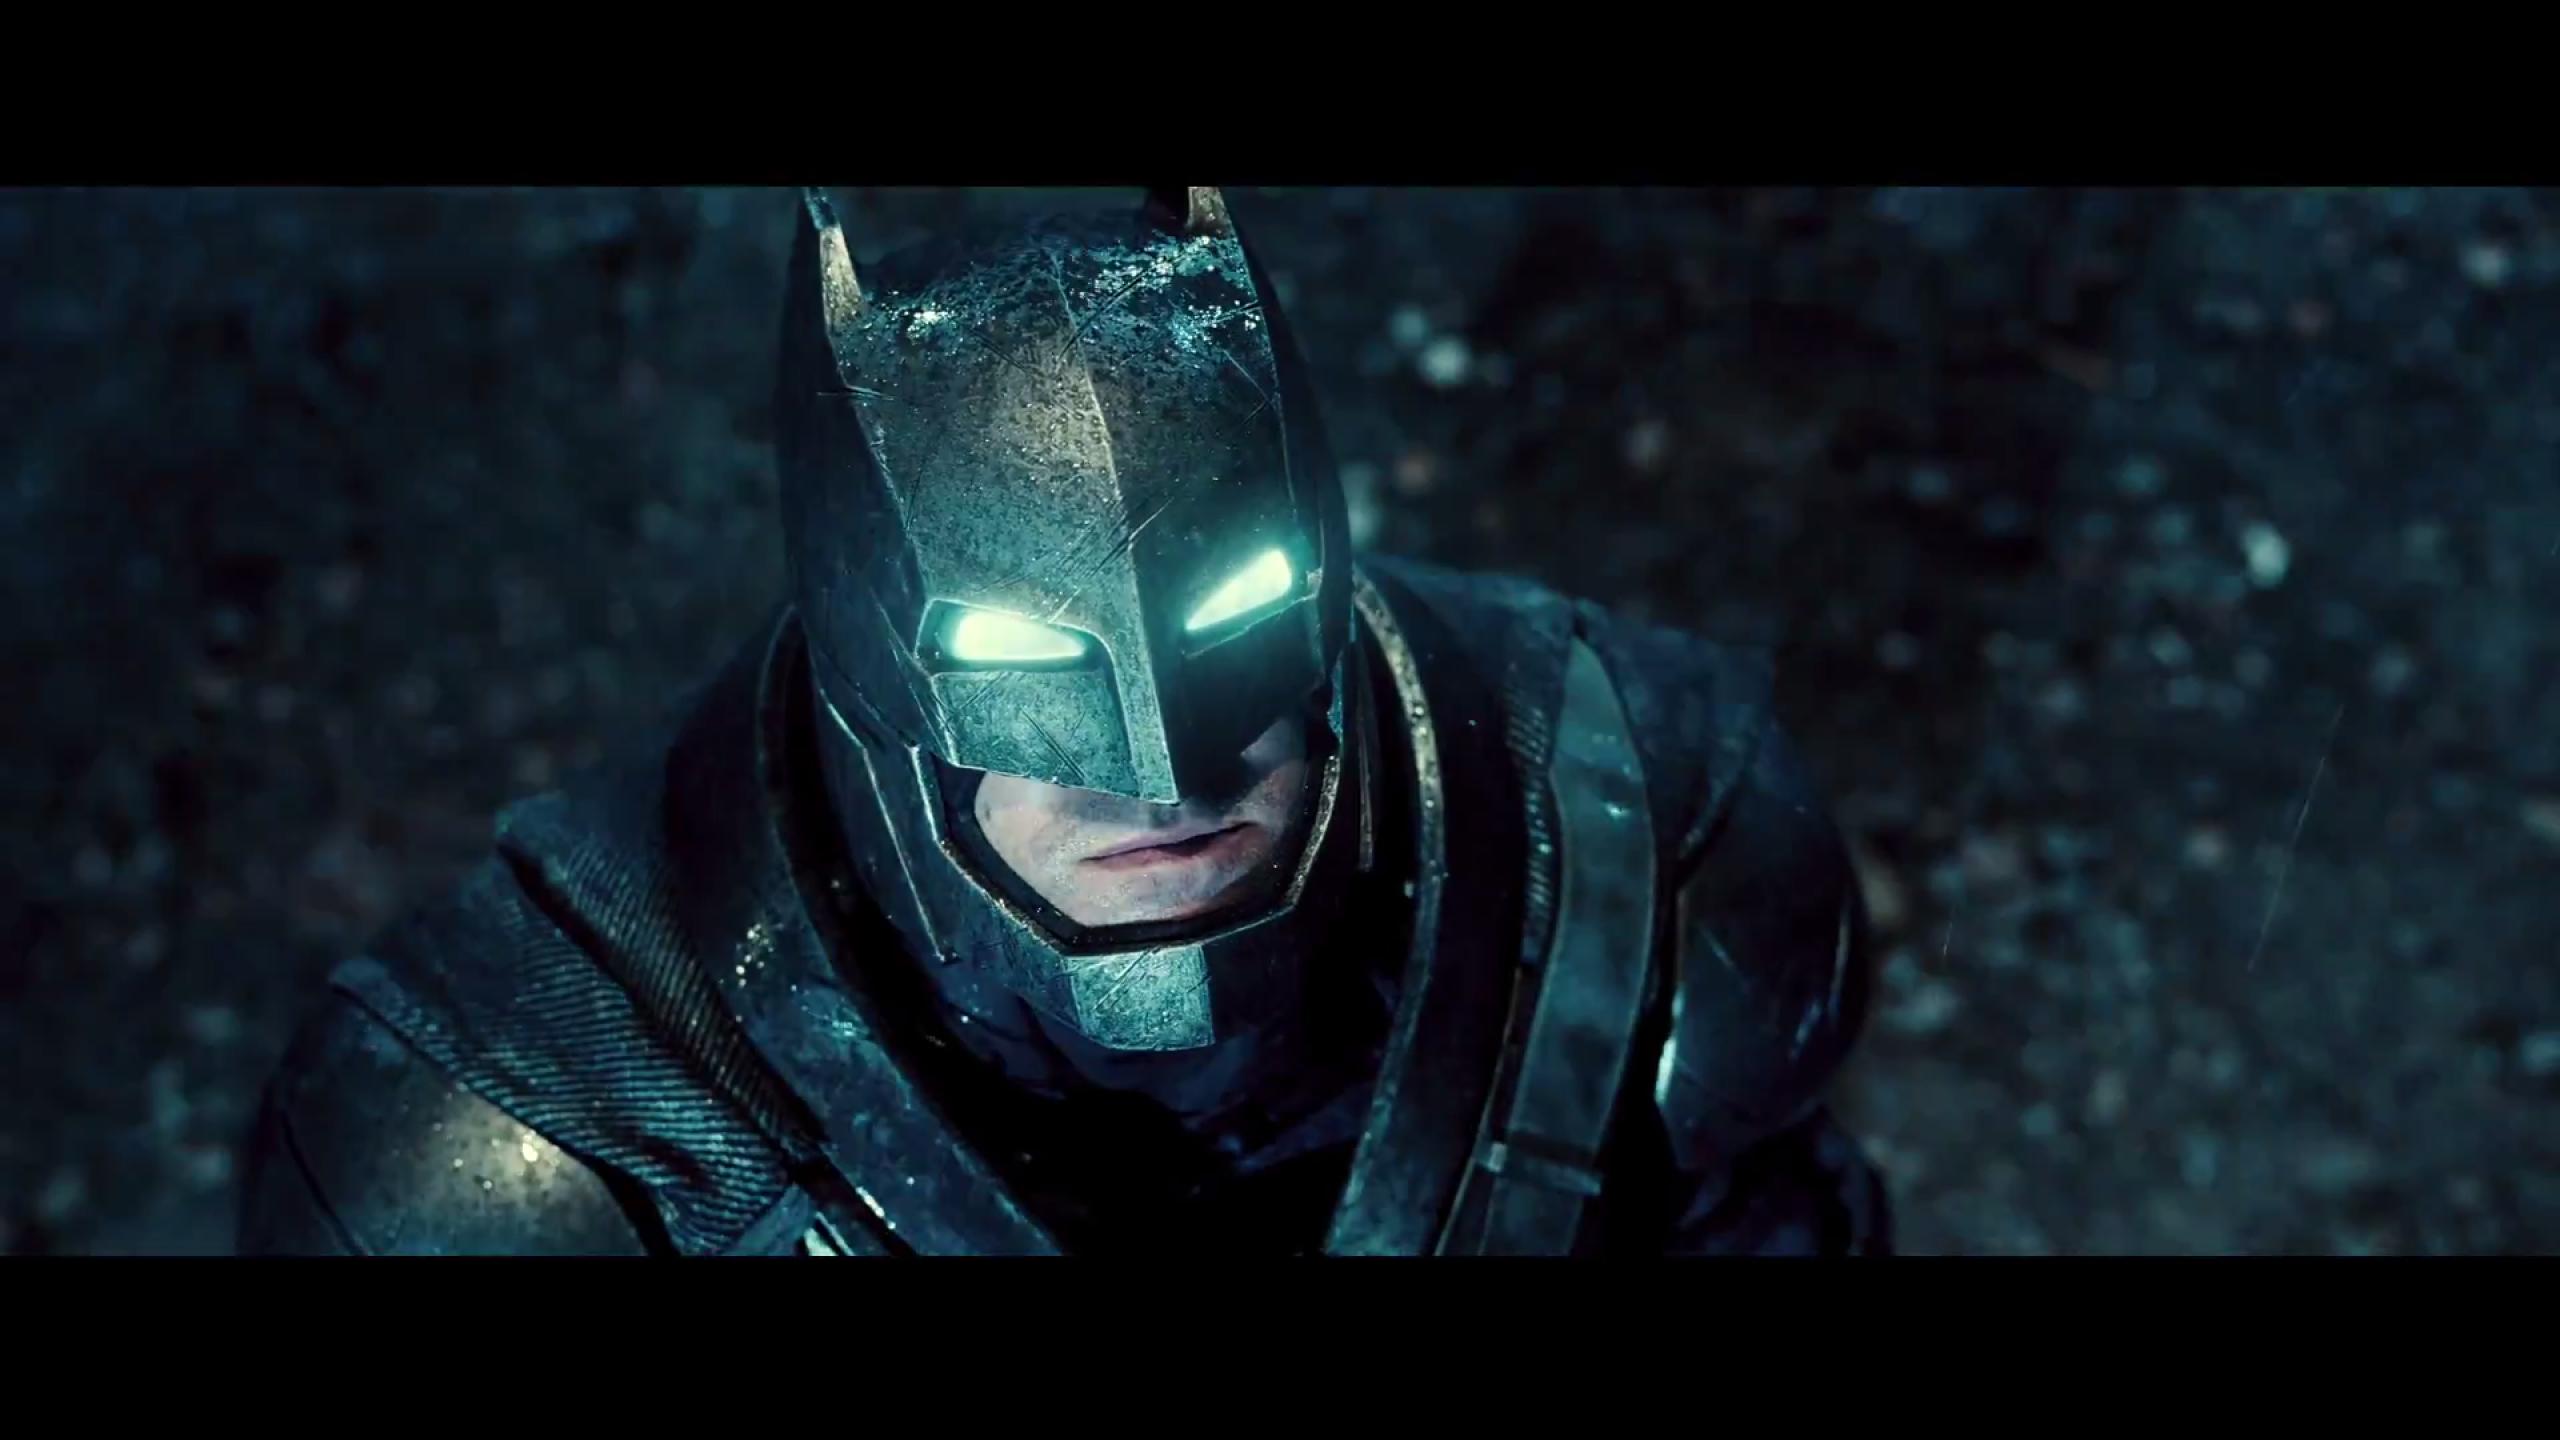 2560x1440 Batman Vs Superman Batman Wallpaper 1440p Resolution